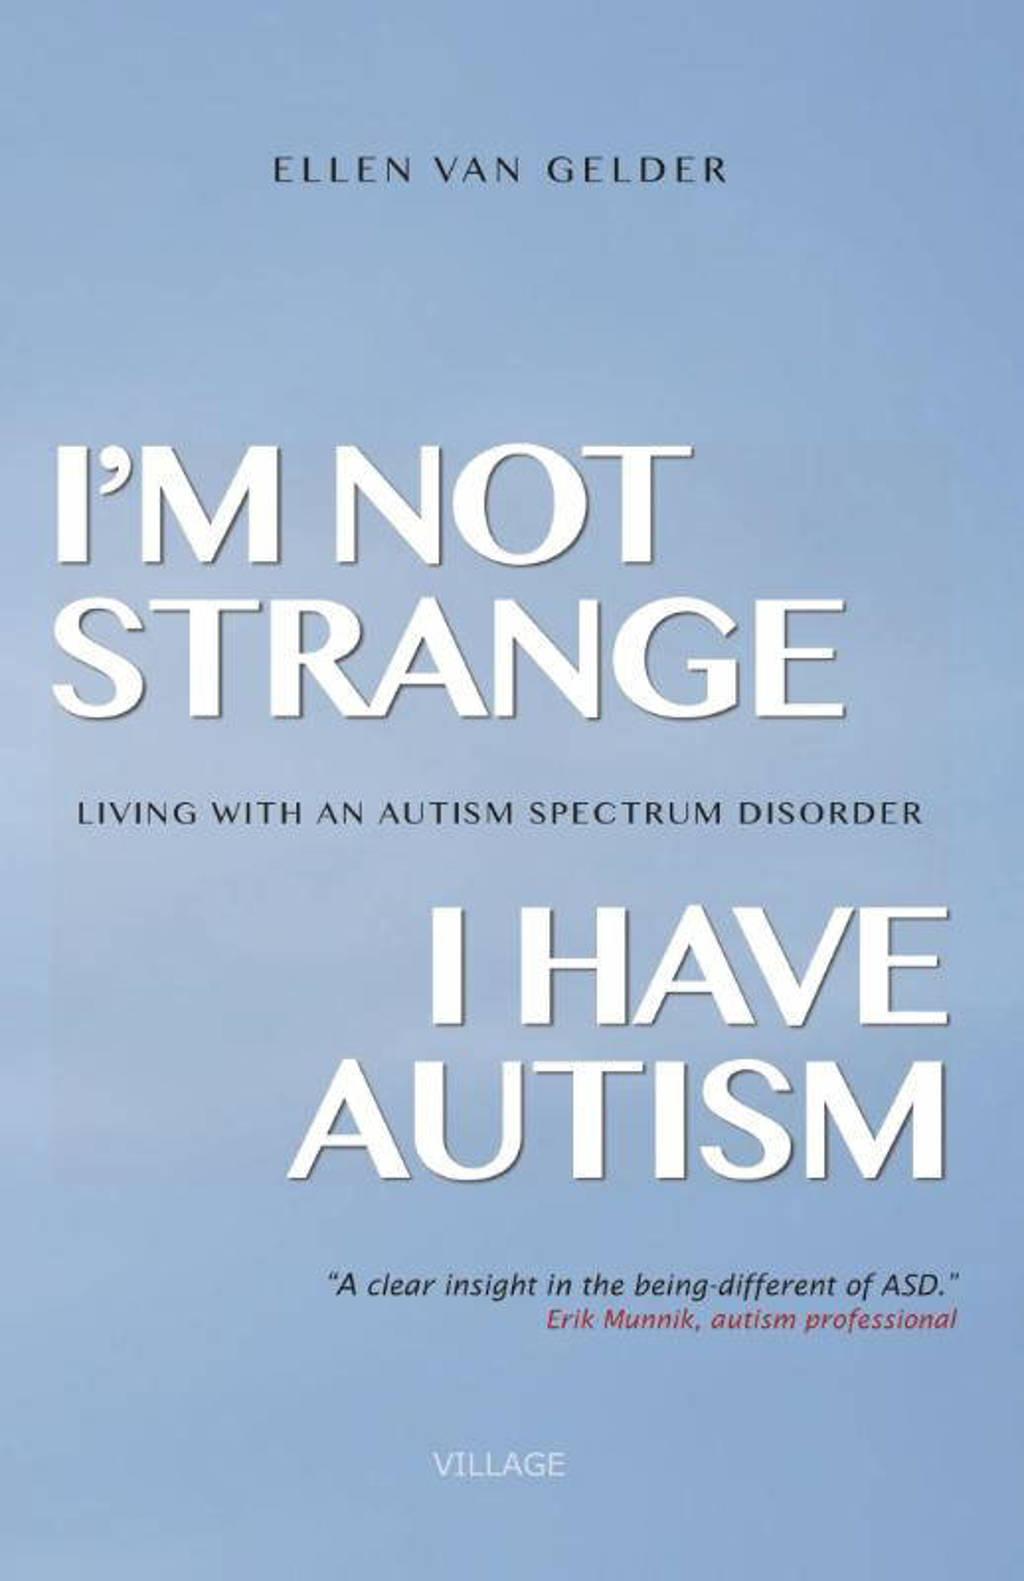 I'm not strange, I have autism - Ellen van Gelder